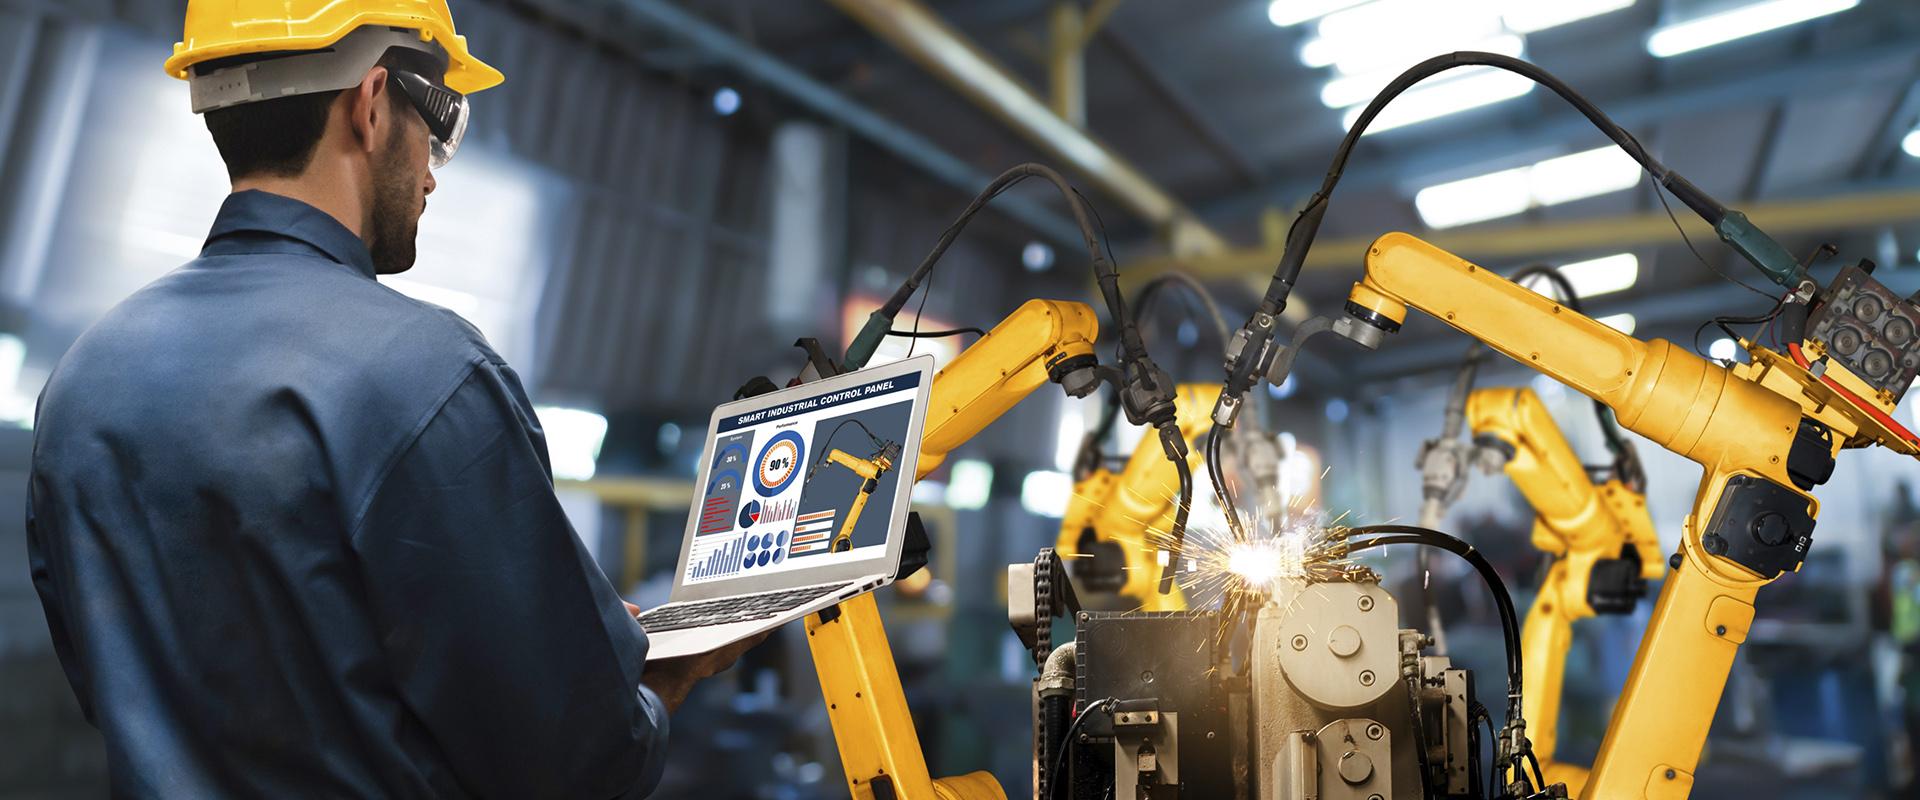 ¿Cómo programar un robot industrial?